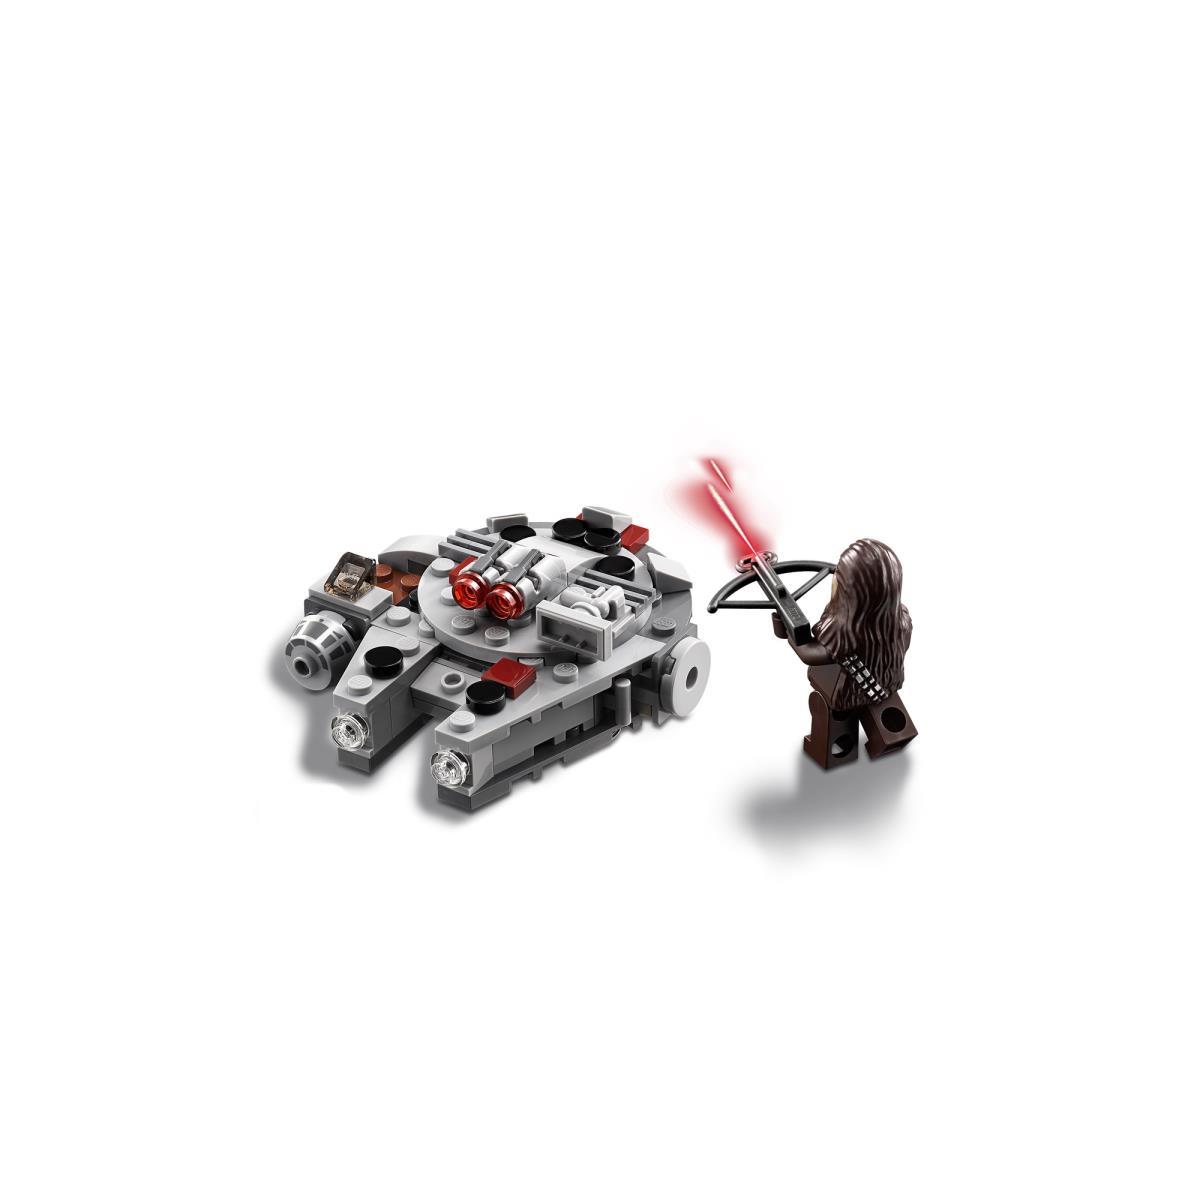 LEGO Star Wars 75193 Millennium Falcon Microfighter,Lego,000051353836, 5702016109870